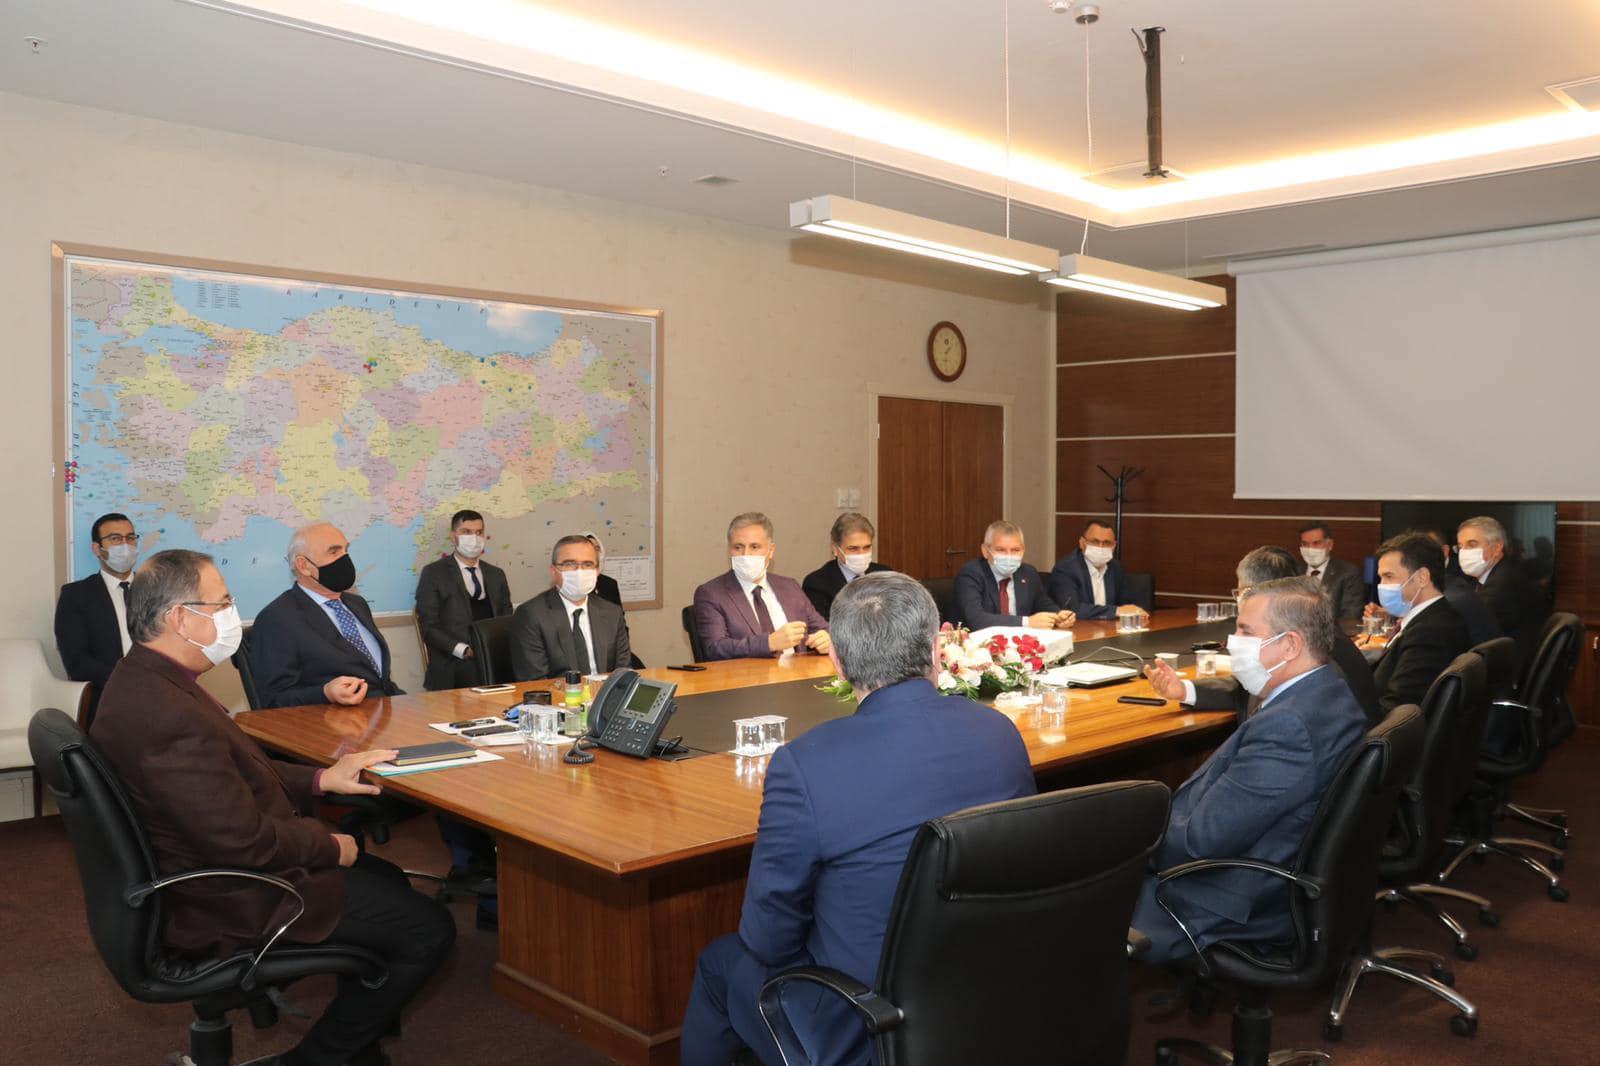 Milletvekili Kadir Aydın, yerel yönetimler toplantısına katıldı